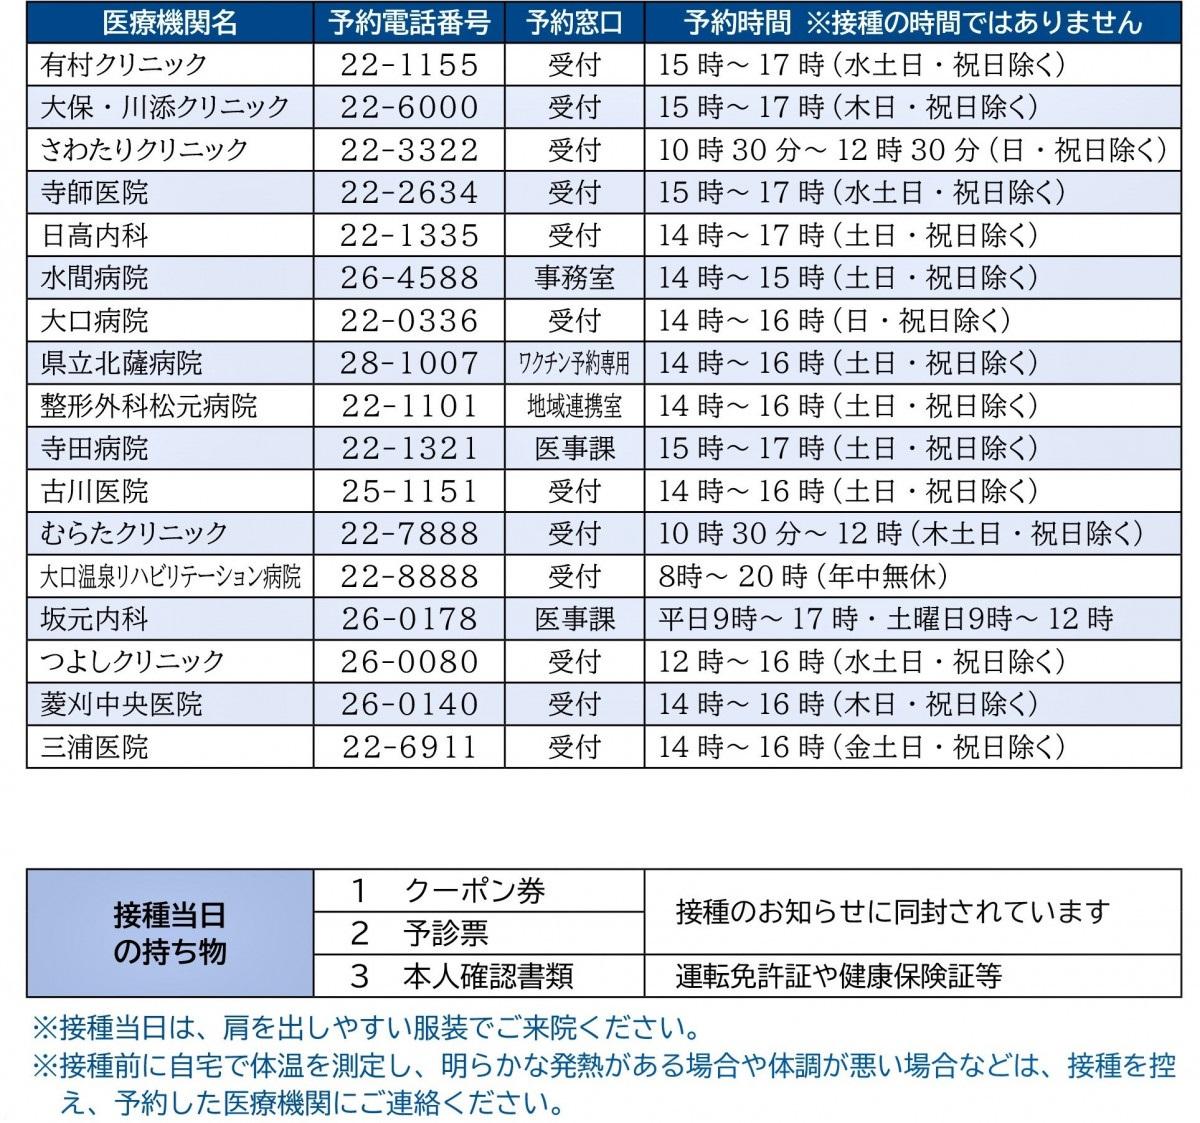 【6/18(金)更新】新型コロナウイルスワクチン接種について